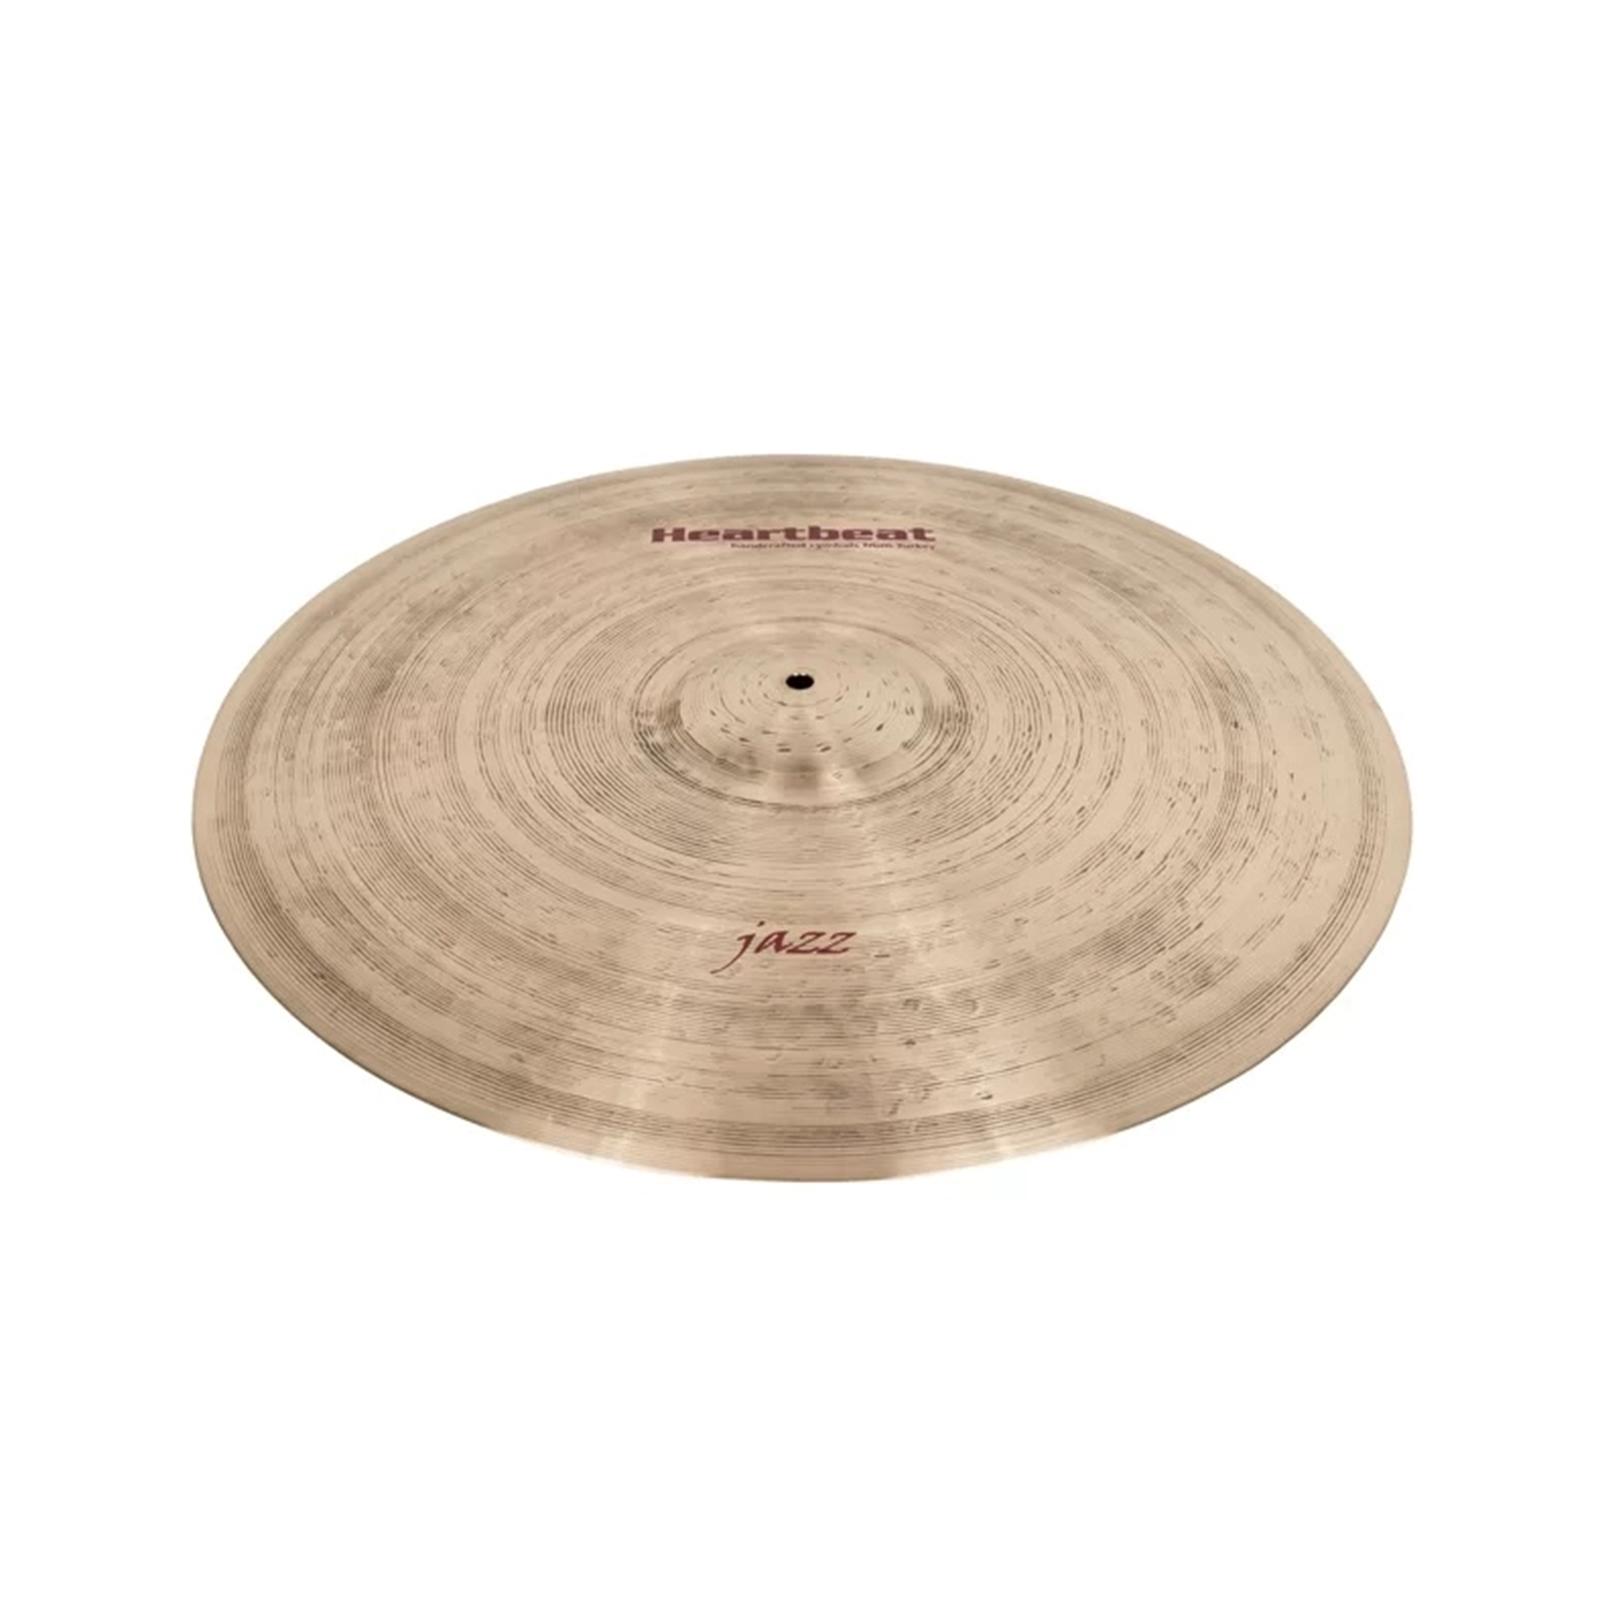 Heartbeat Jazz Ride Cymbal